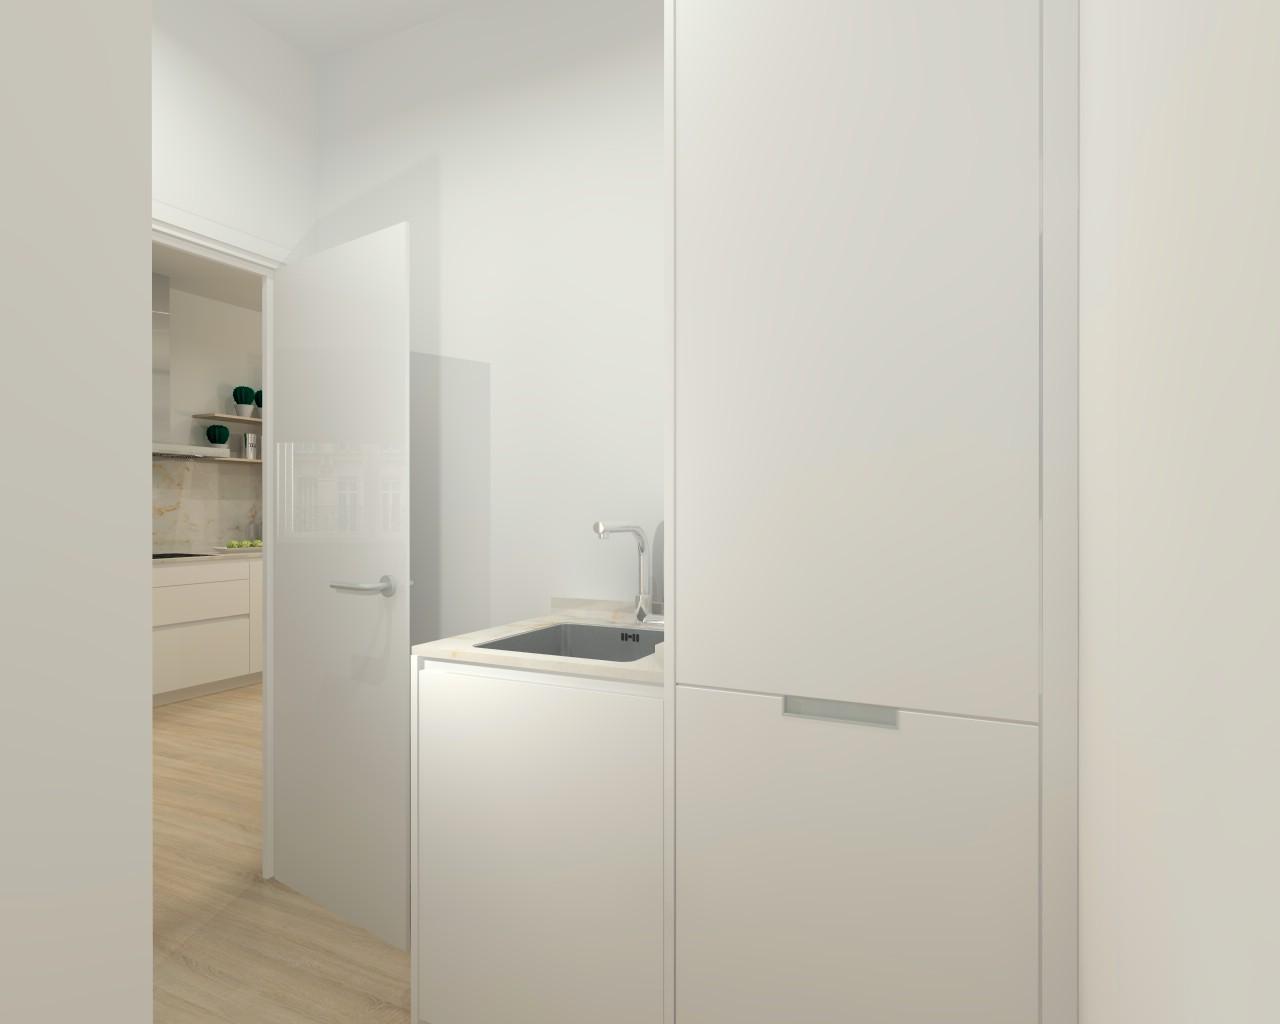 Cocina santos modelo line l laminado encimera silestone for M s mobiliario auxiliar para tu cocina s l